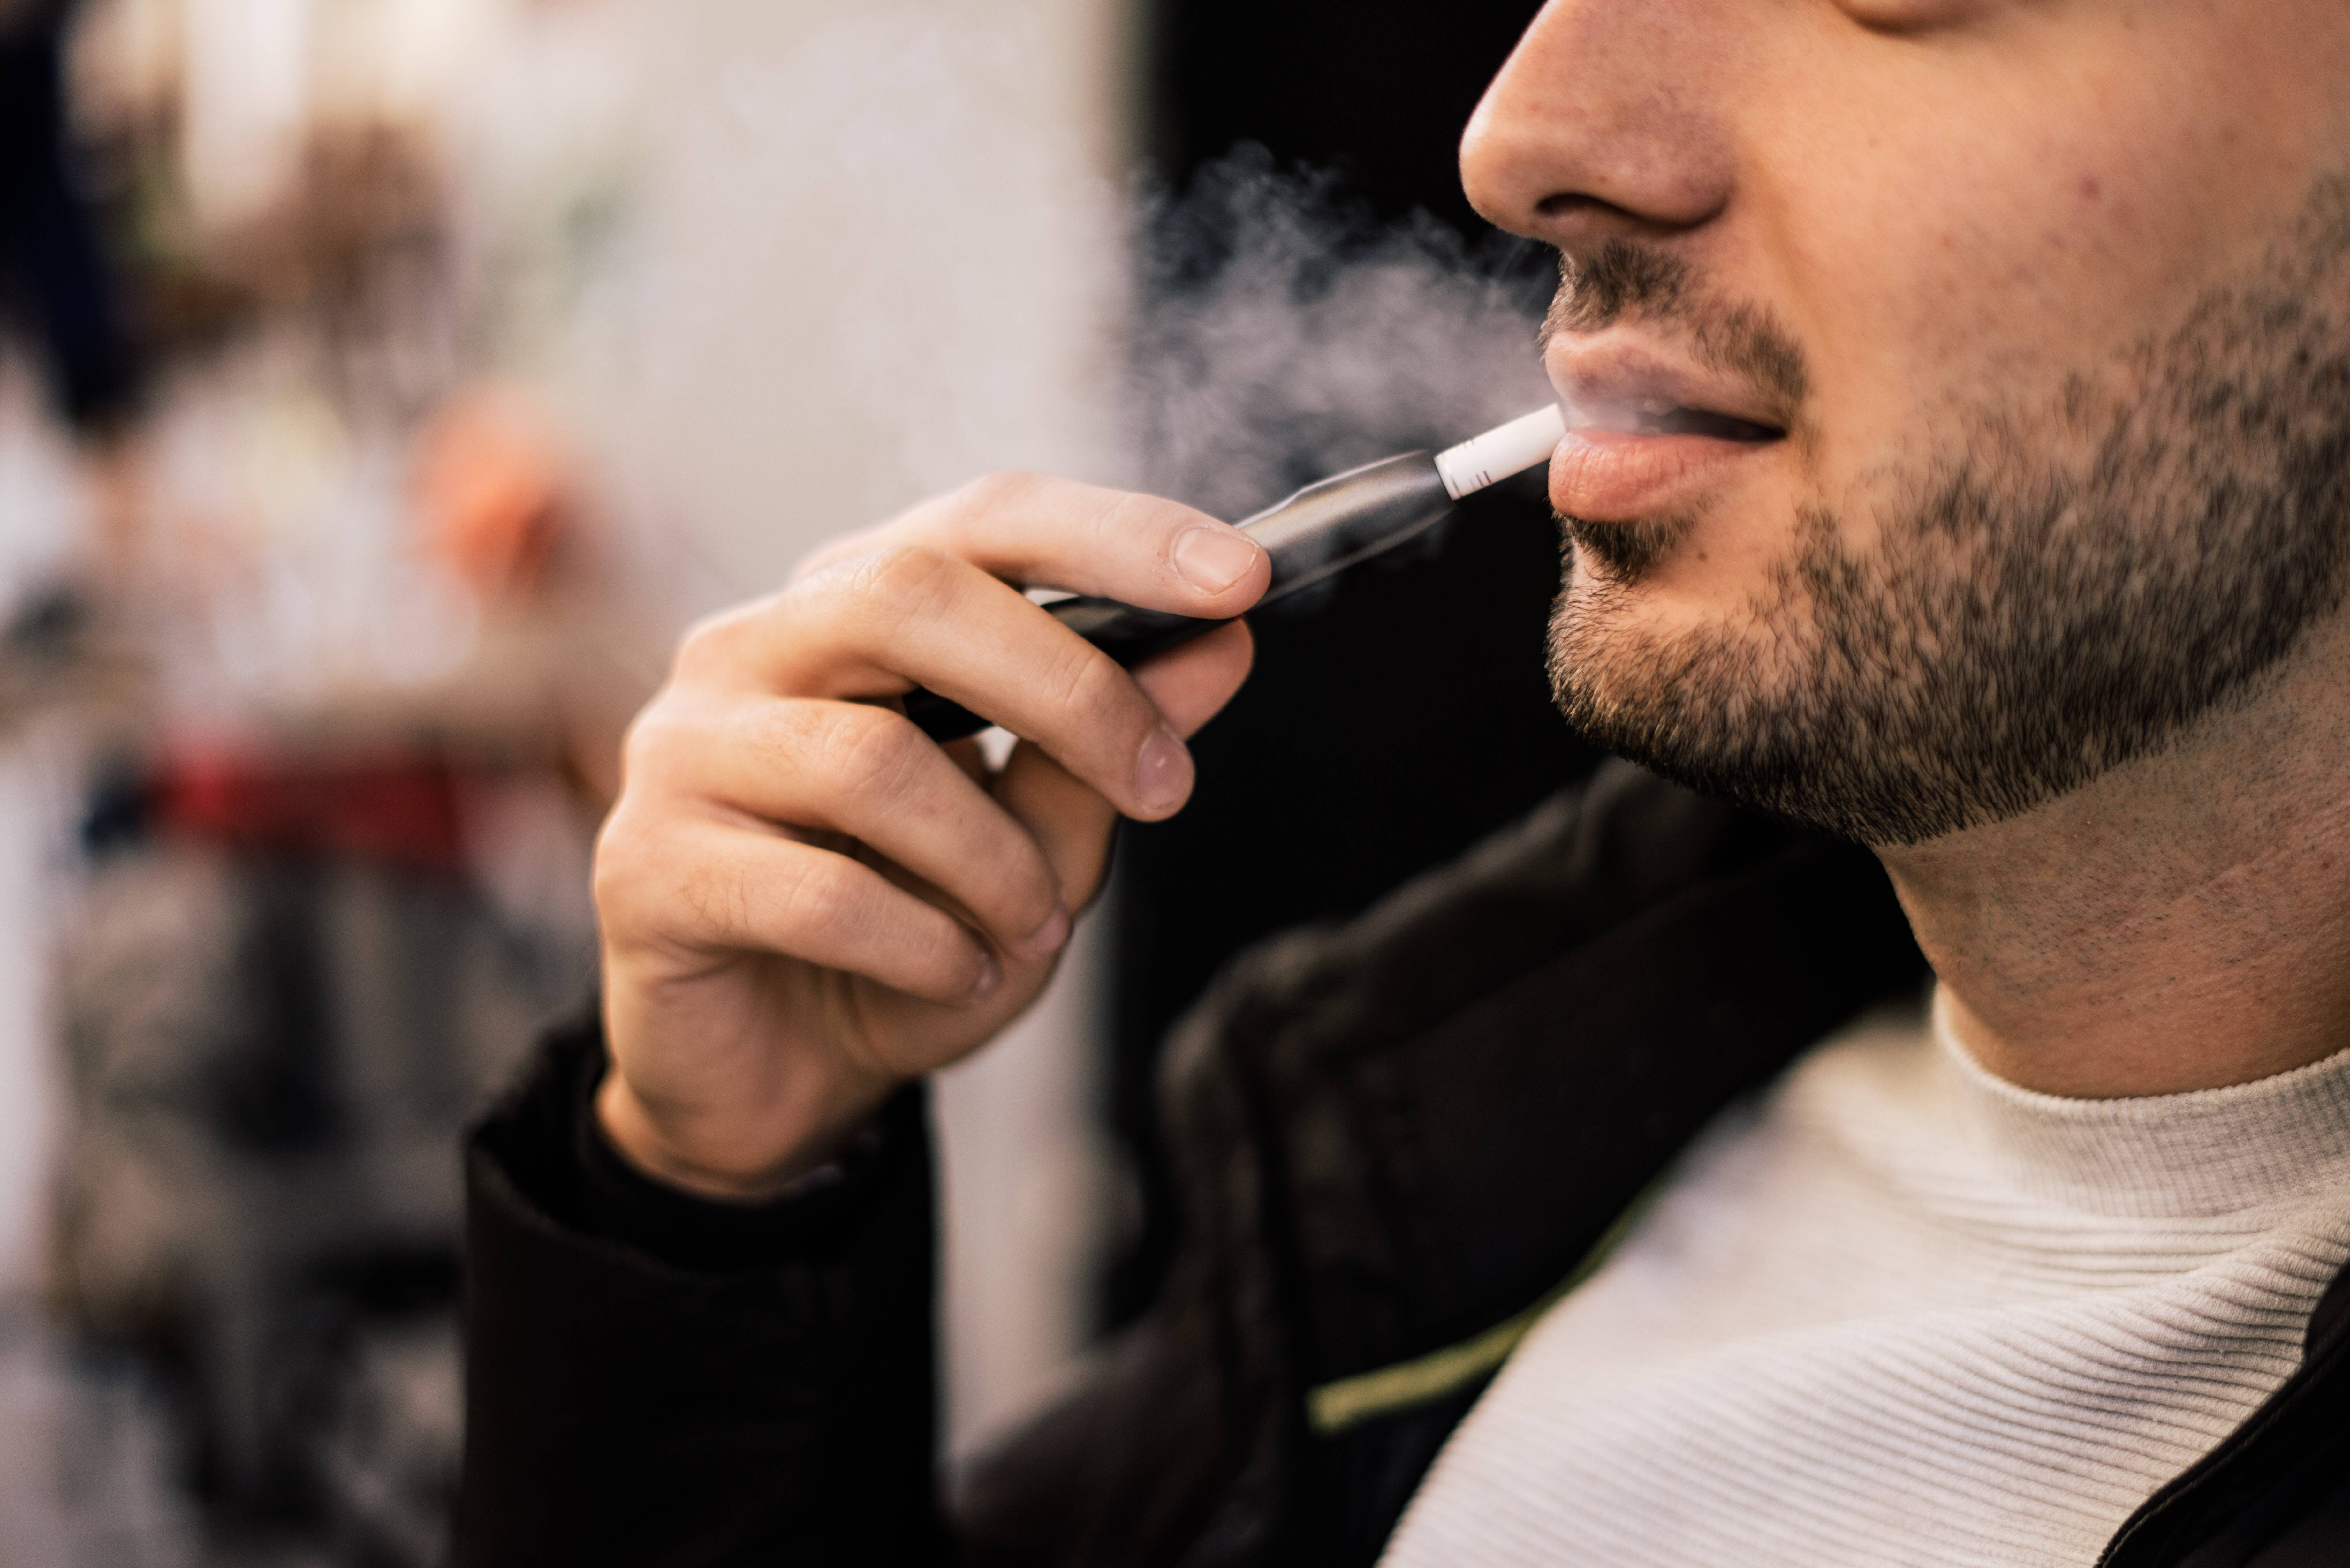 Можно ли курить айкос в кафе и ресторане